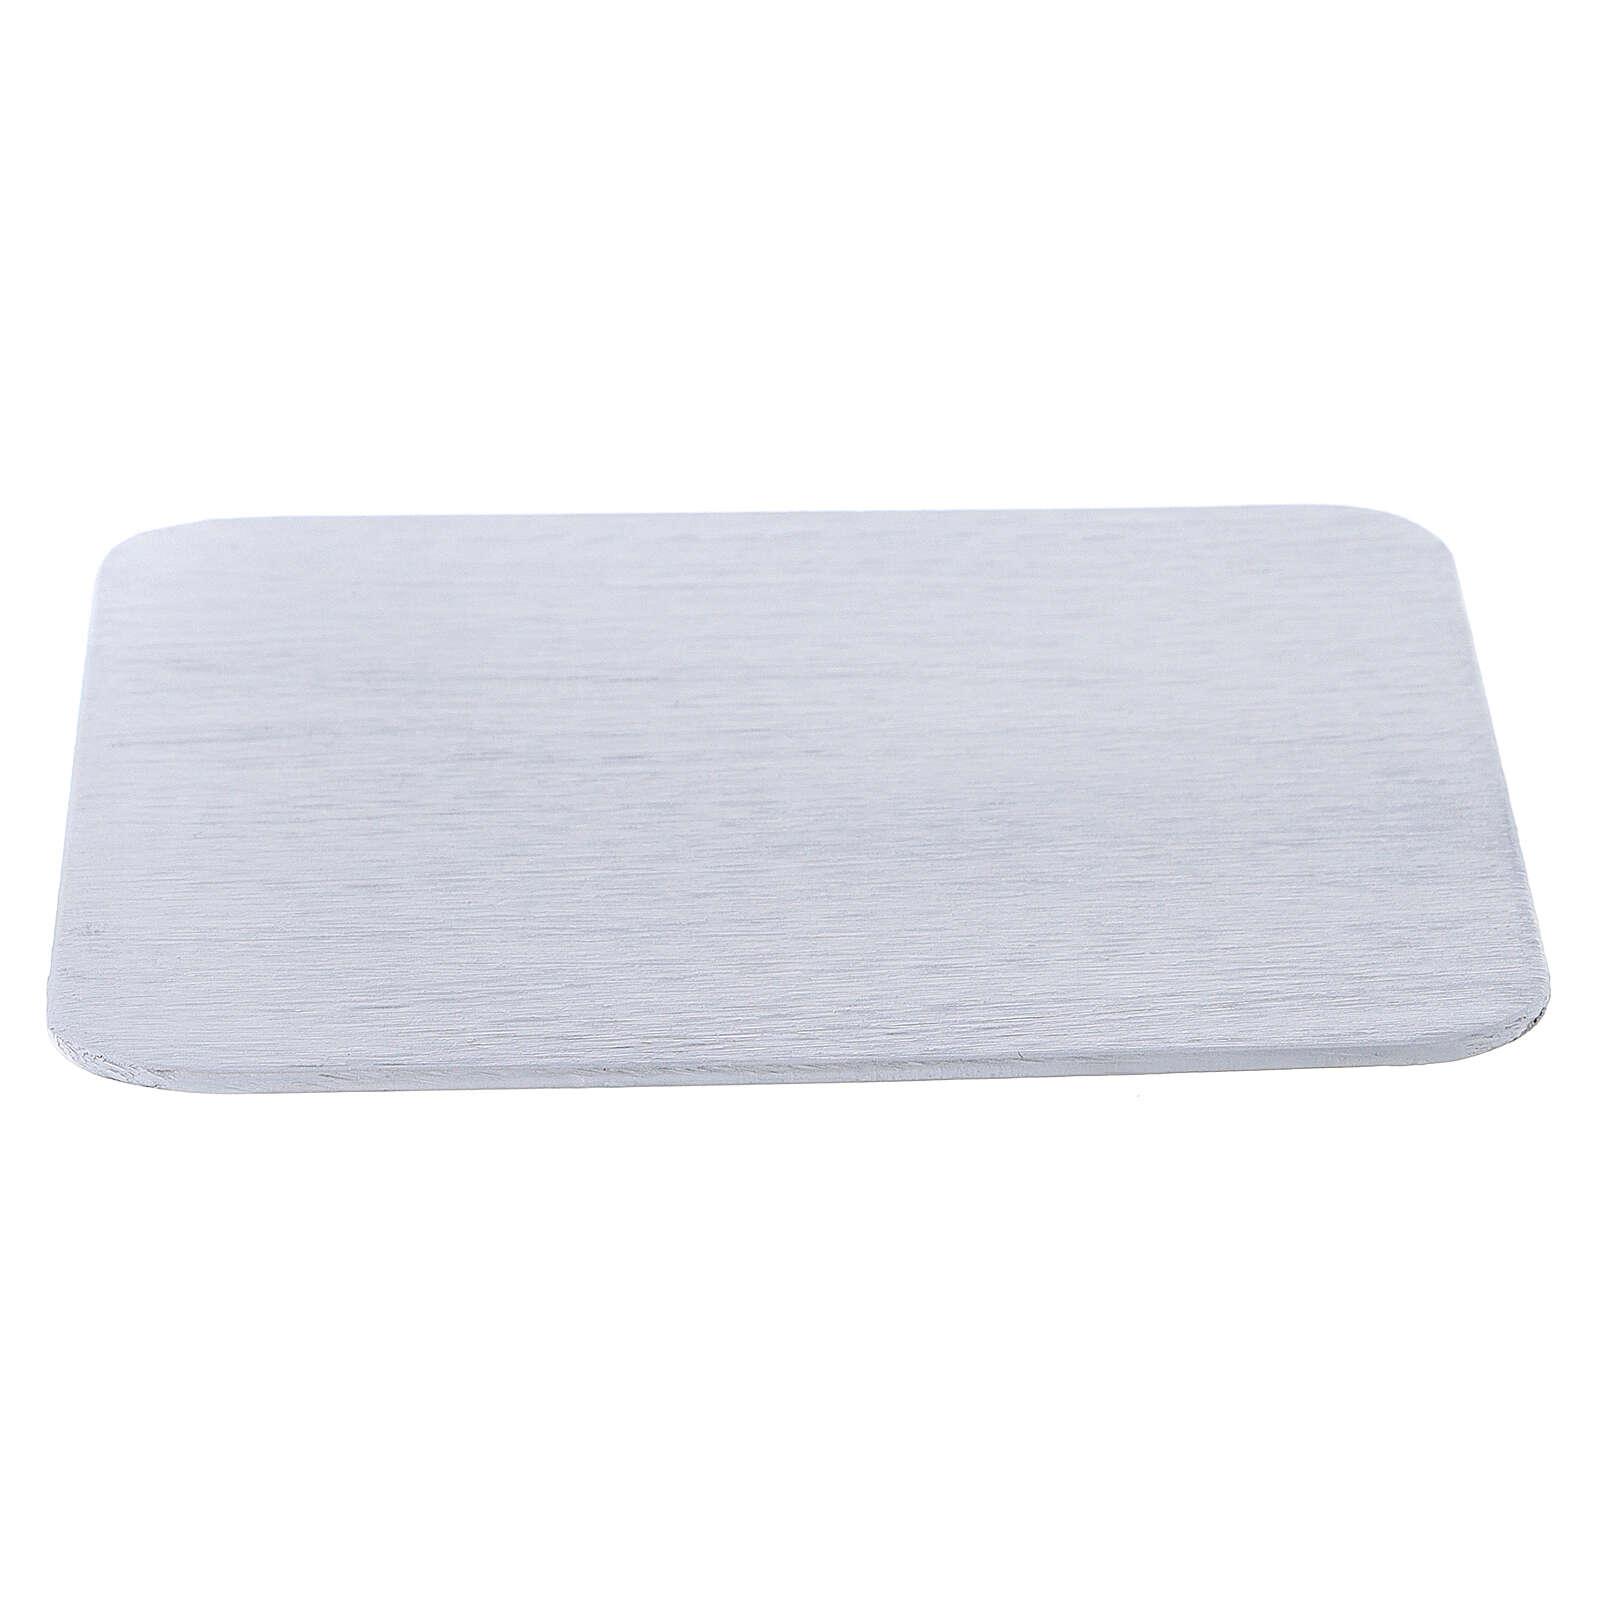 Piatto portacero quadrato alluminio bianco 12x12 cm 3